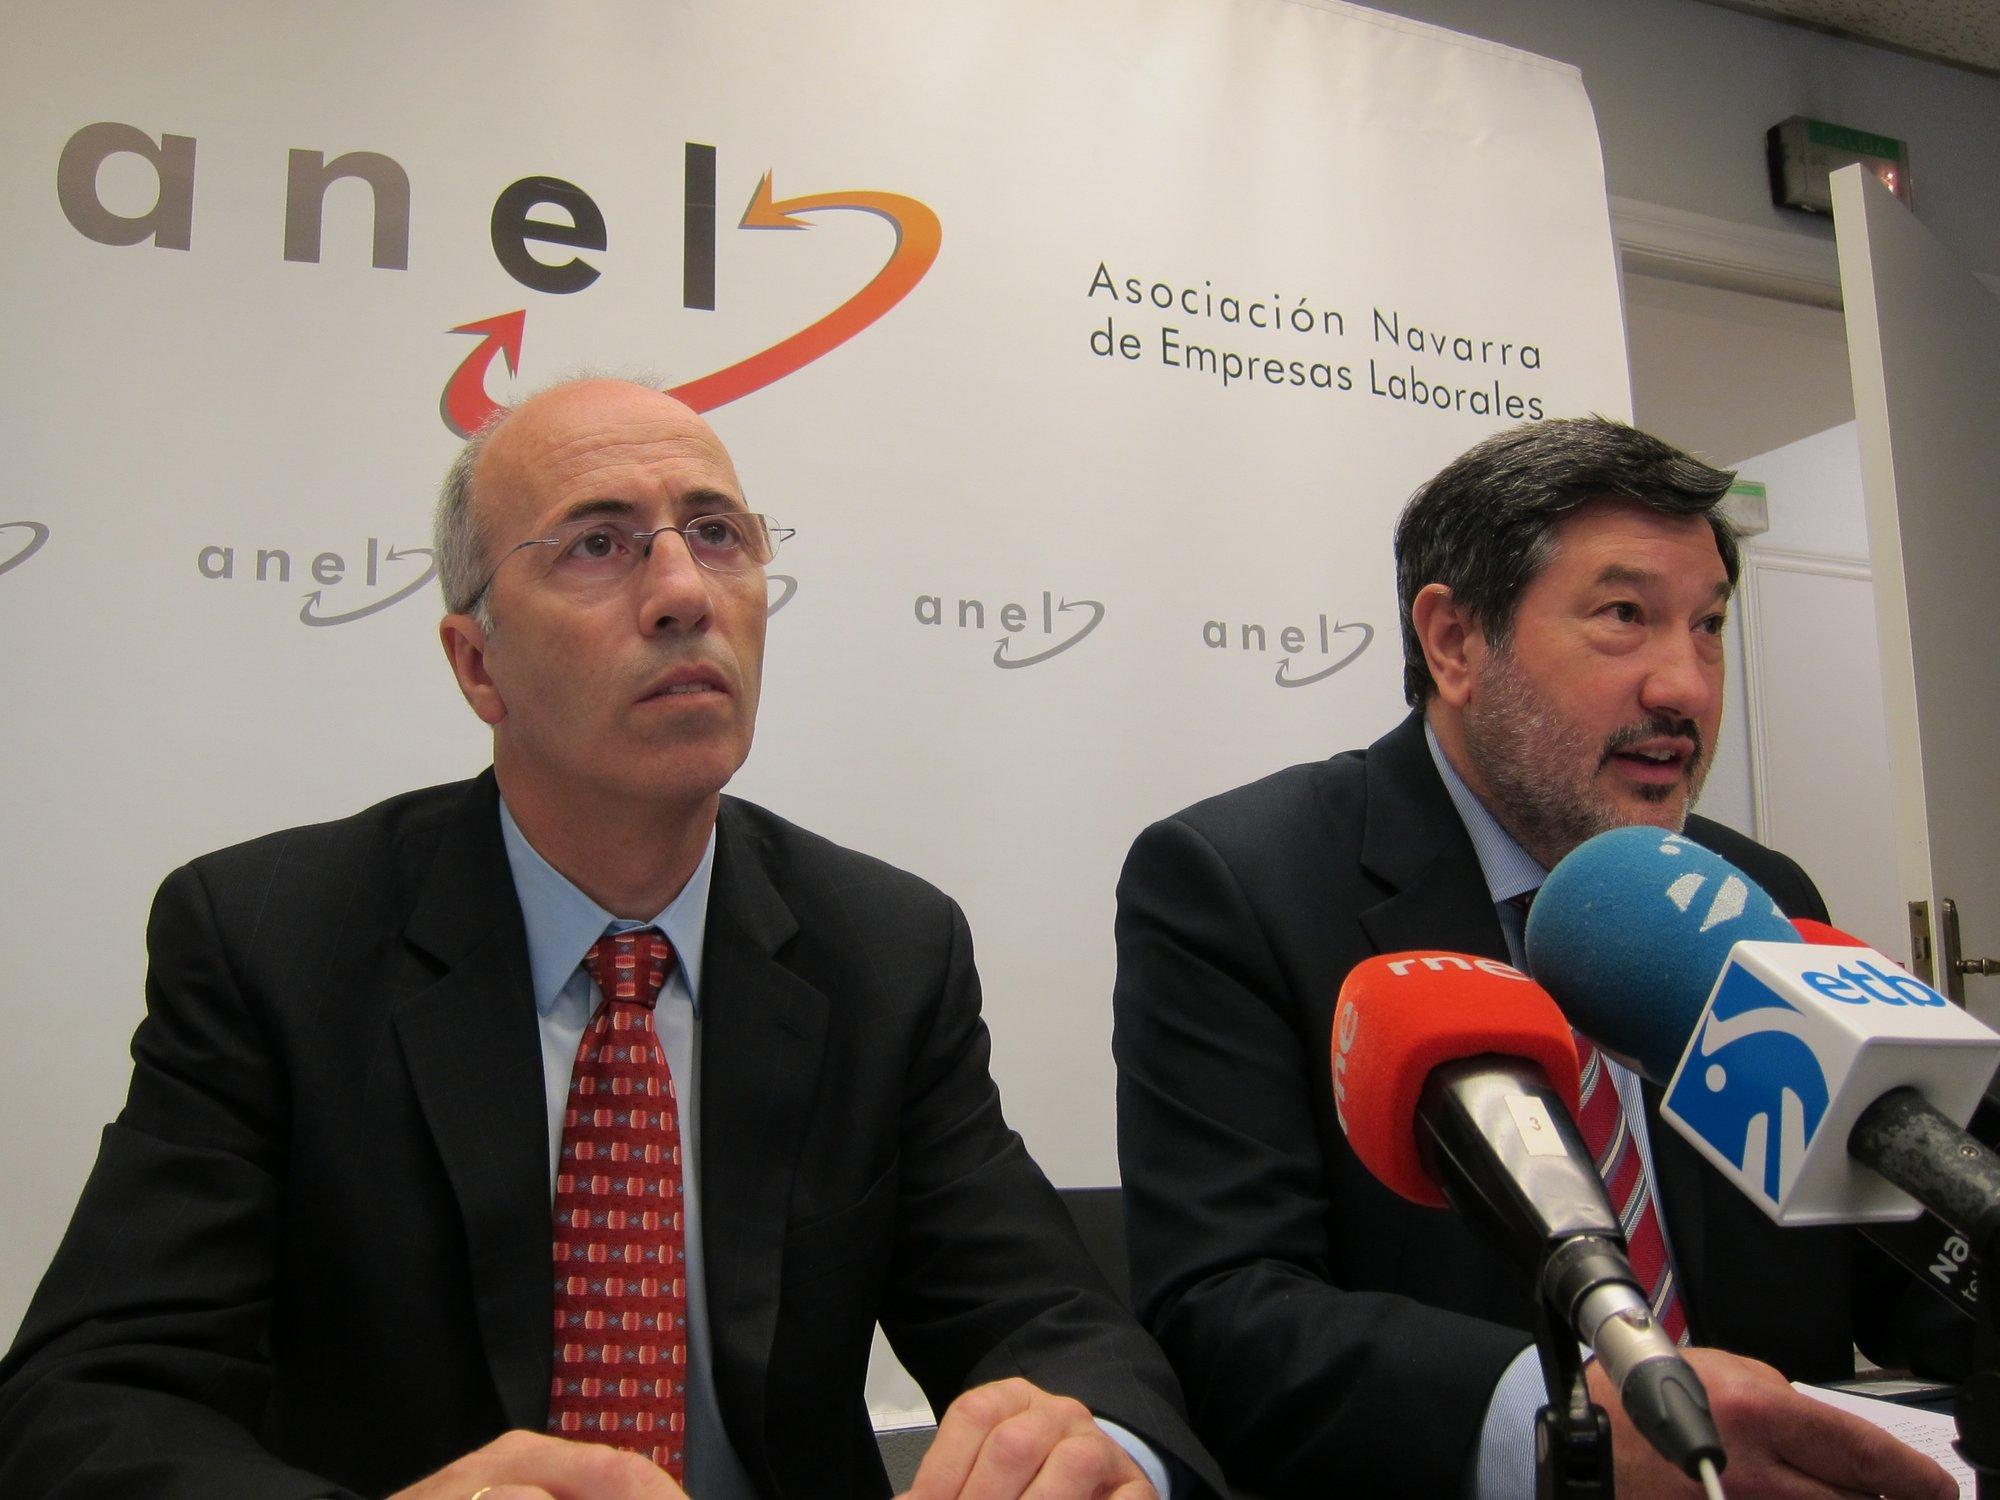 El empleo creció en las empresas asociadas a ANEL un 4,2% y la facturación un 10%